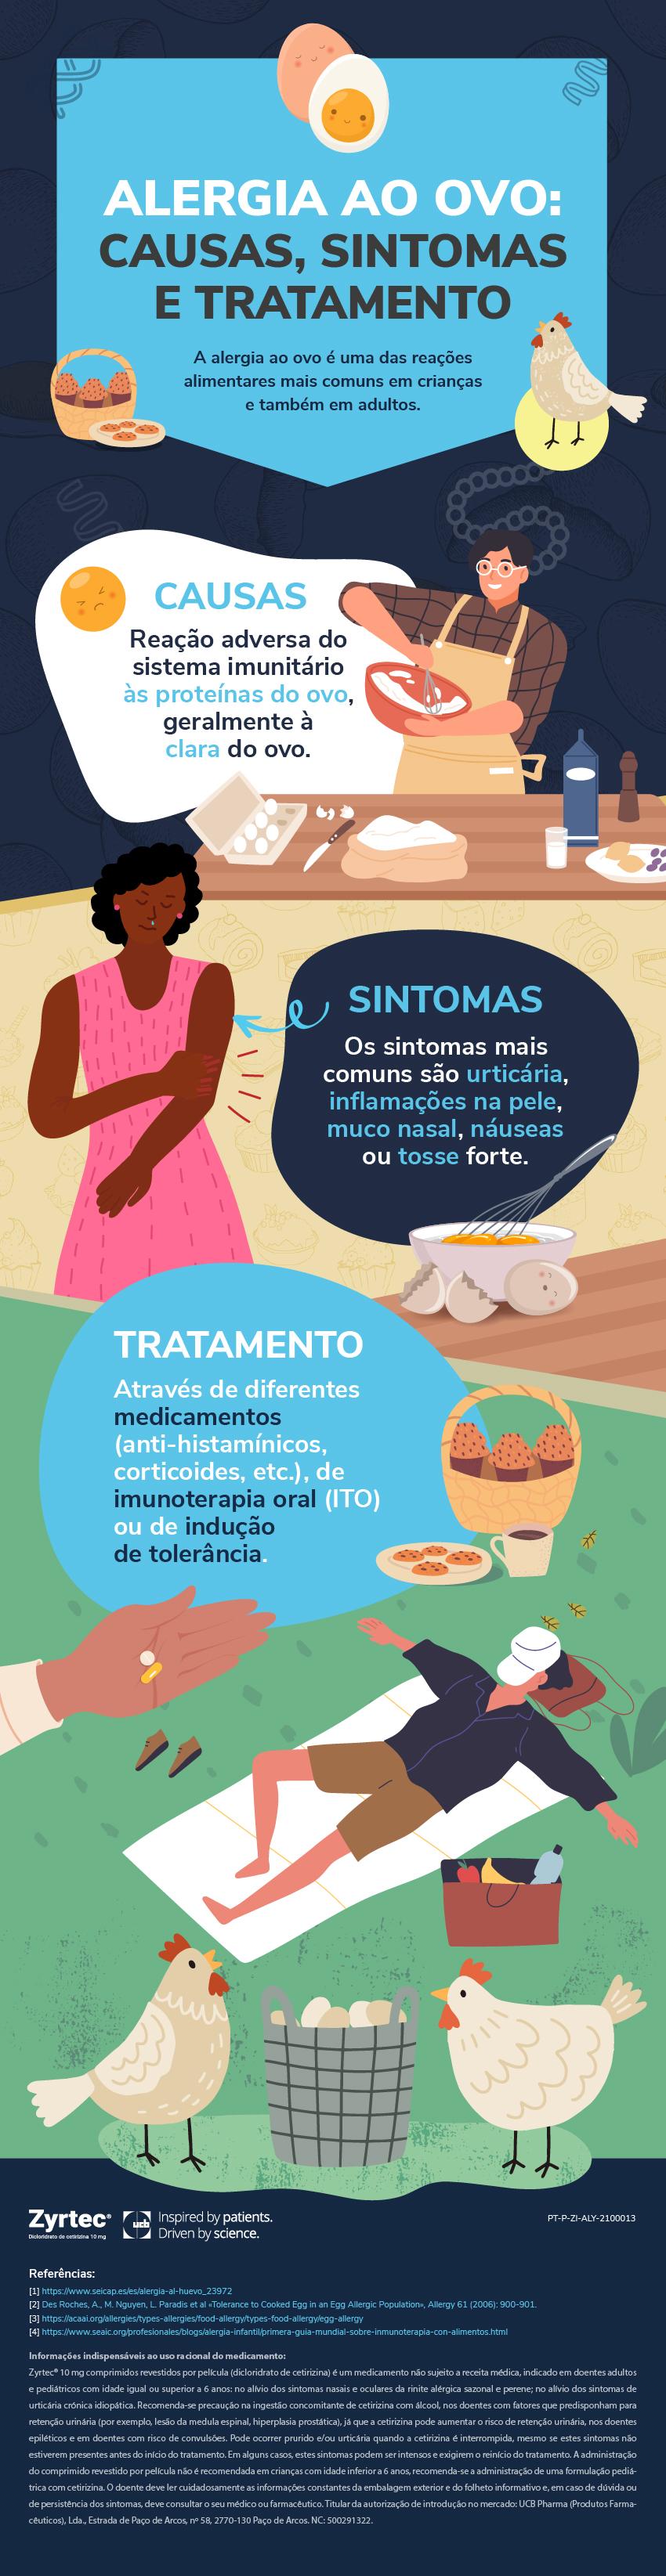 Alergia ao ovo: Causas, sintomas e tratamento